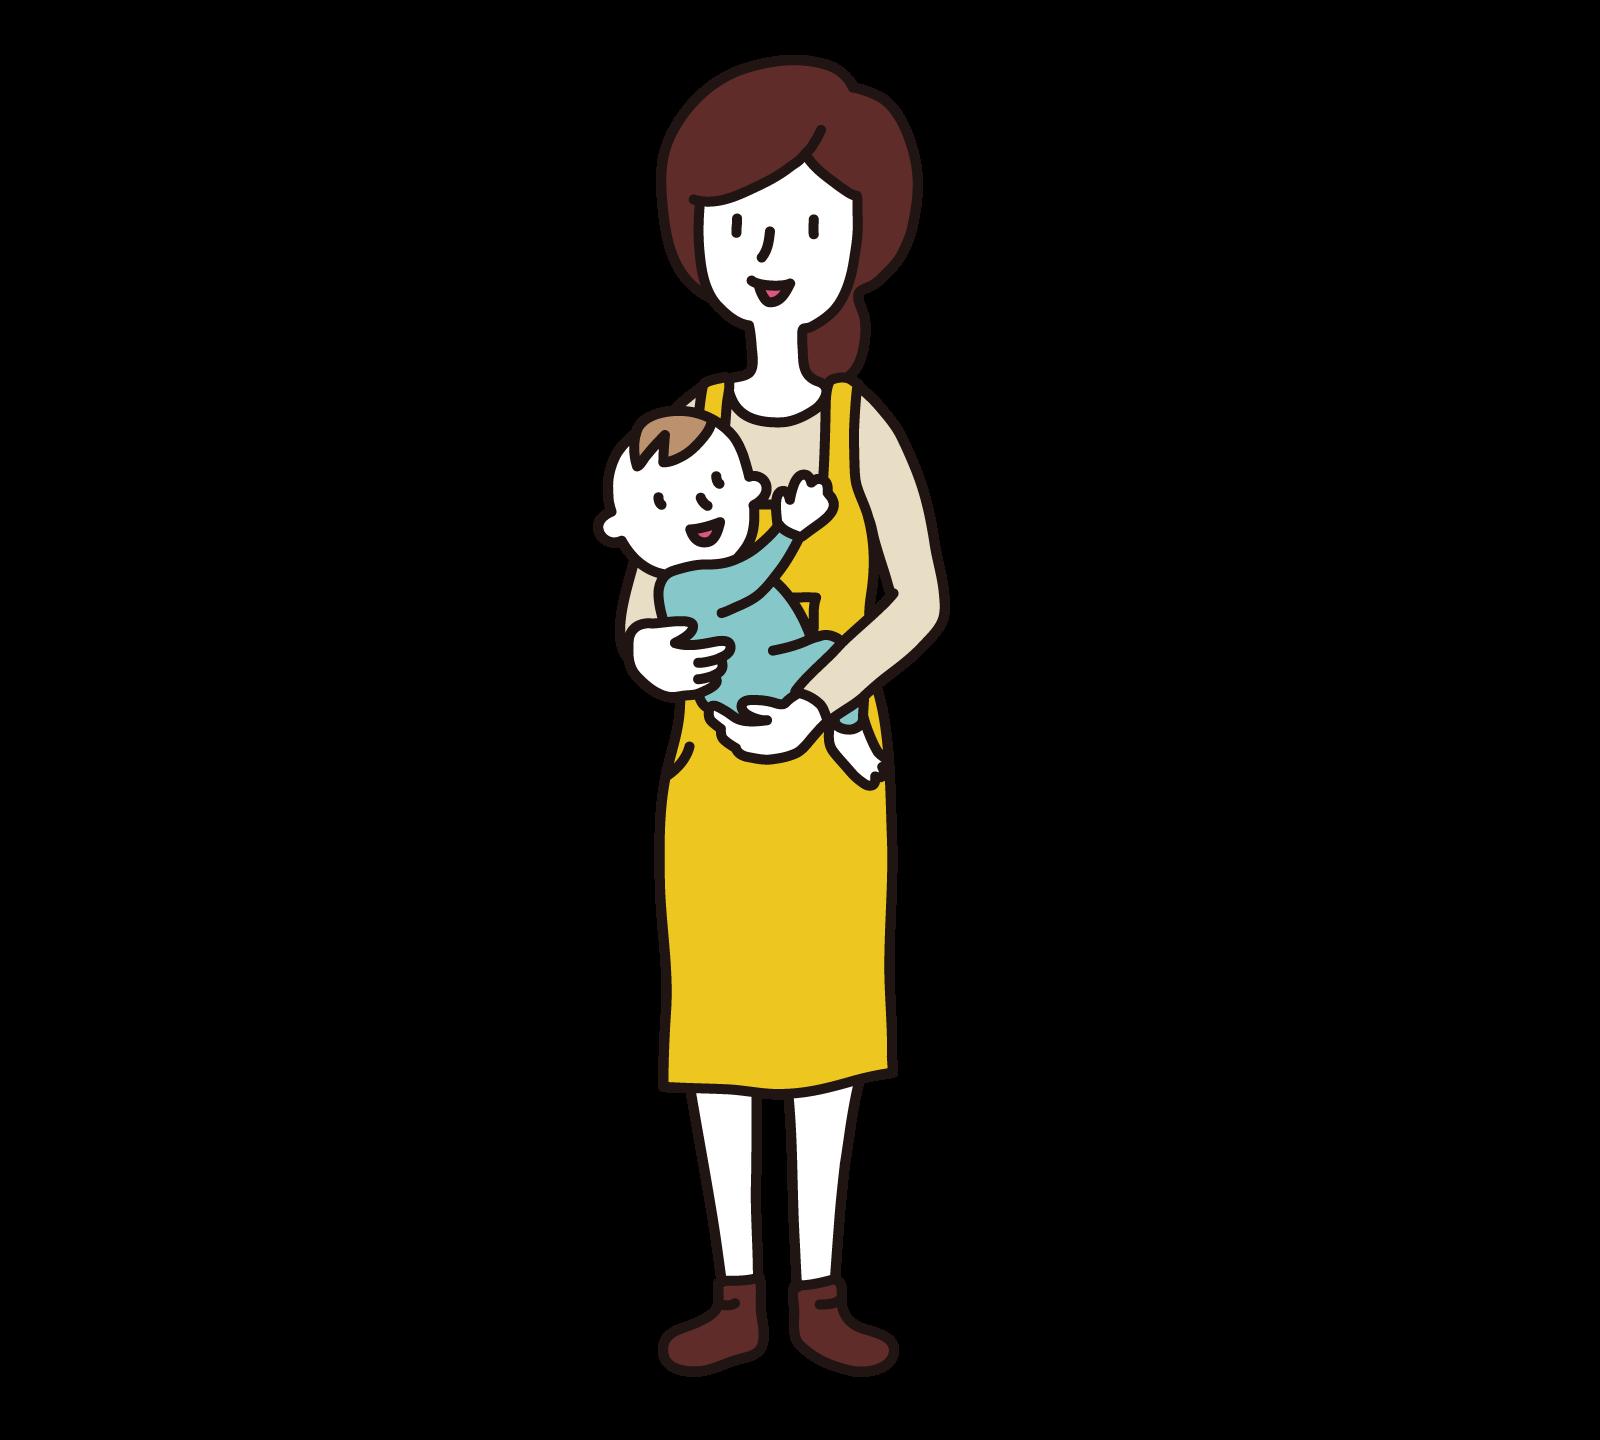 お母さんと赤ちゃん – 無料で使える、フリーイラストwebサイト「かくすた」